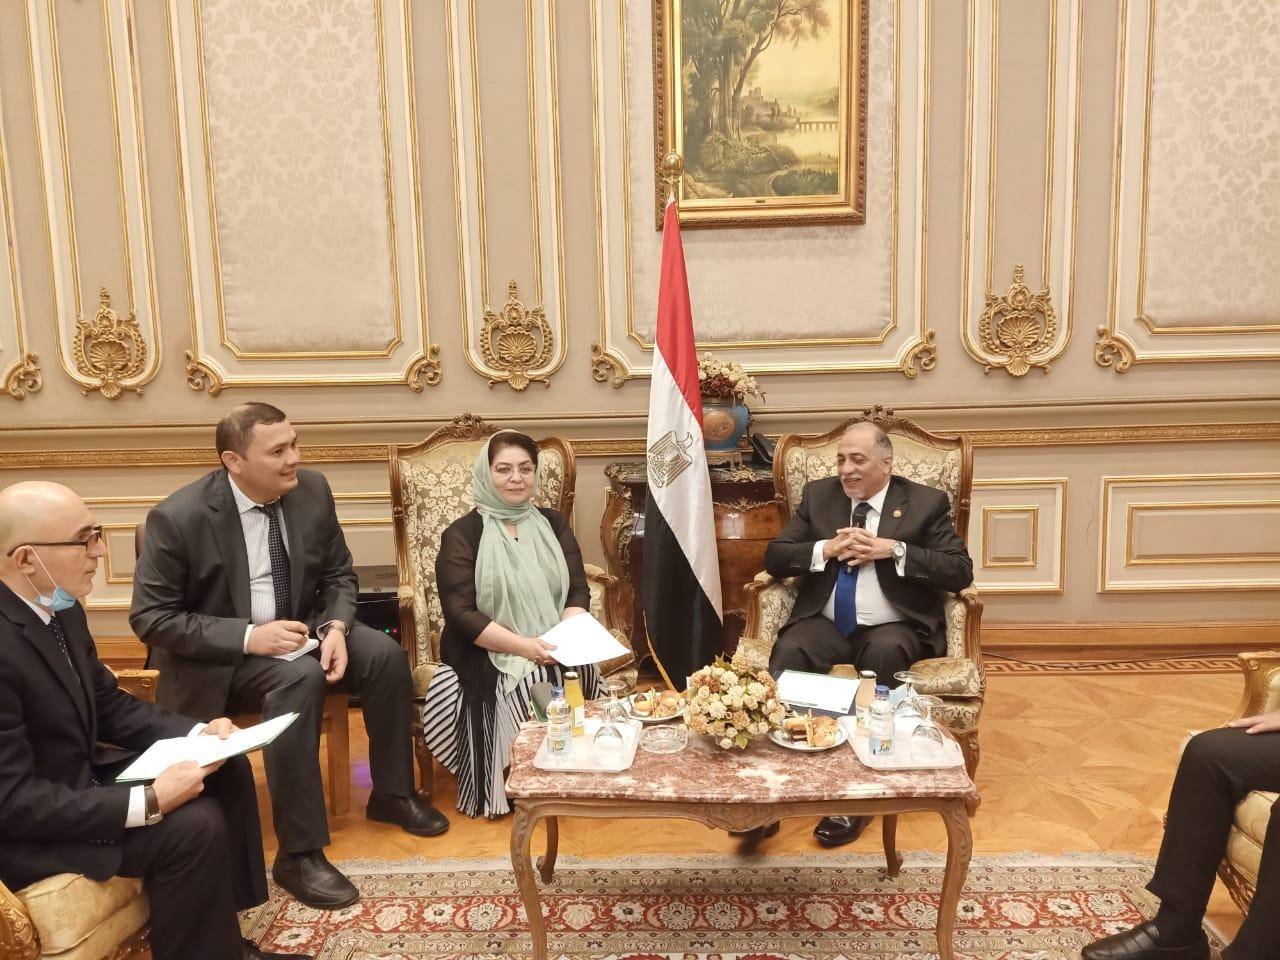 القصبى لوفد أوزبكستاني: نرفض إزدواجية بعض الدول للتدخل فى الشئون الداخلية